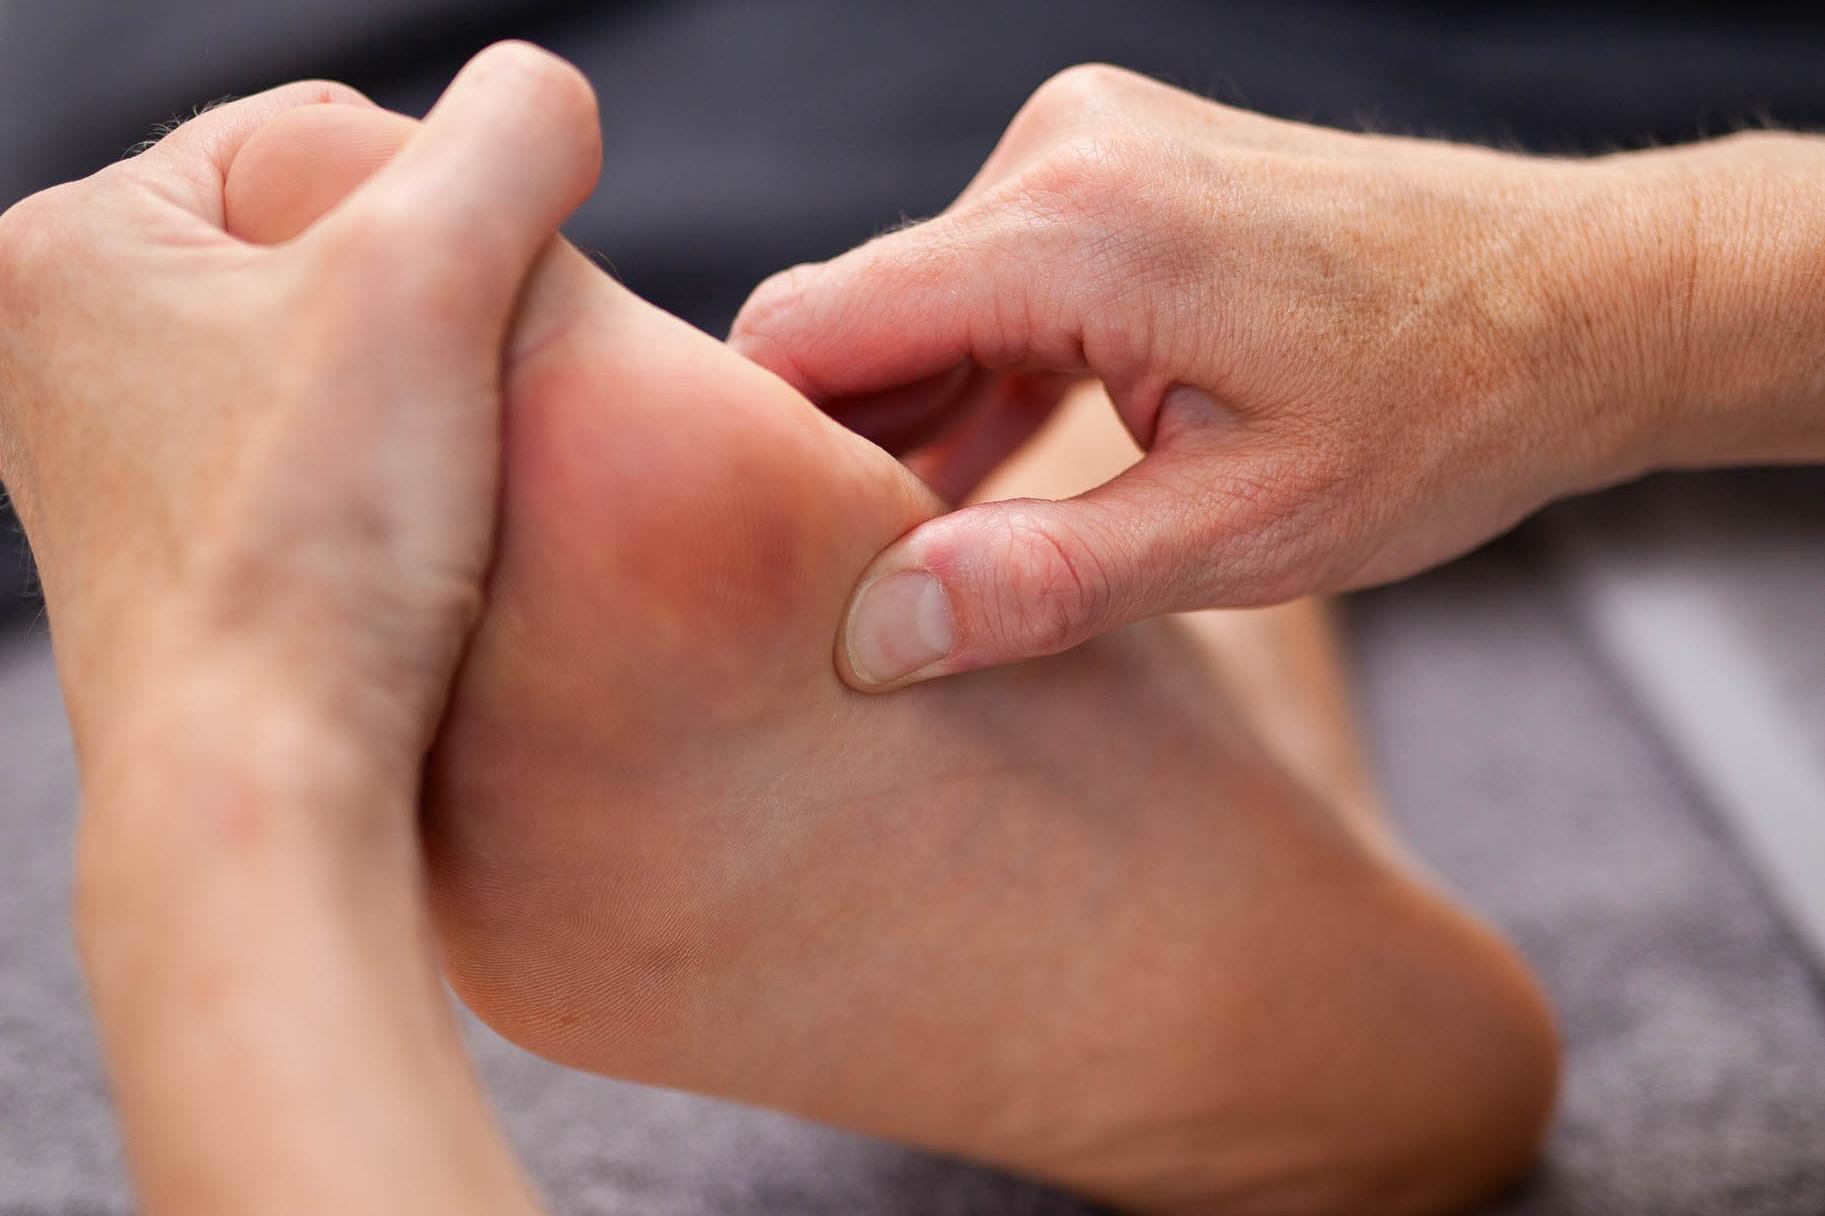 %C2%A9natashabidgood-lisa-massage-6802.jpg